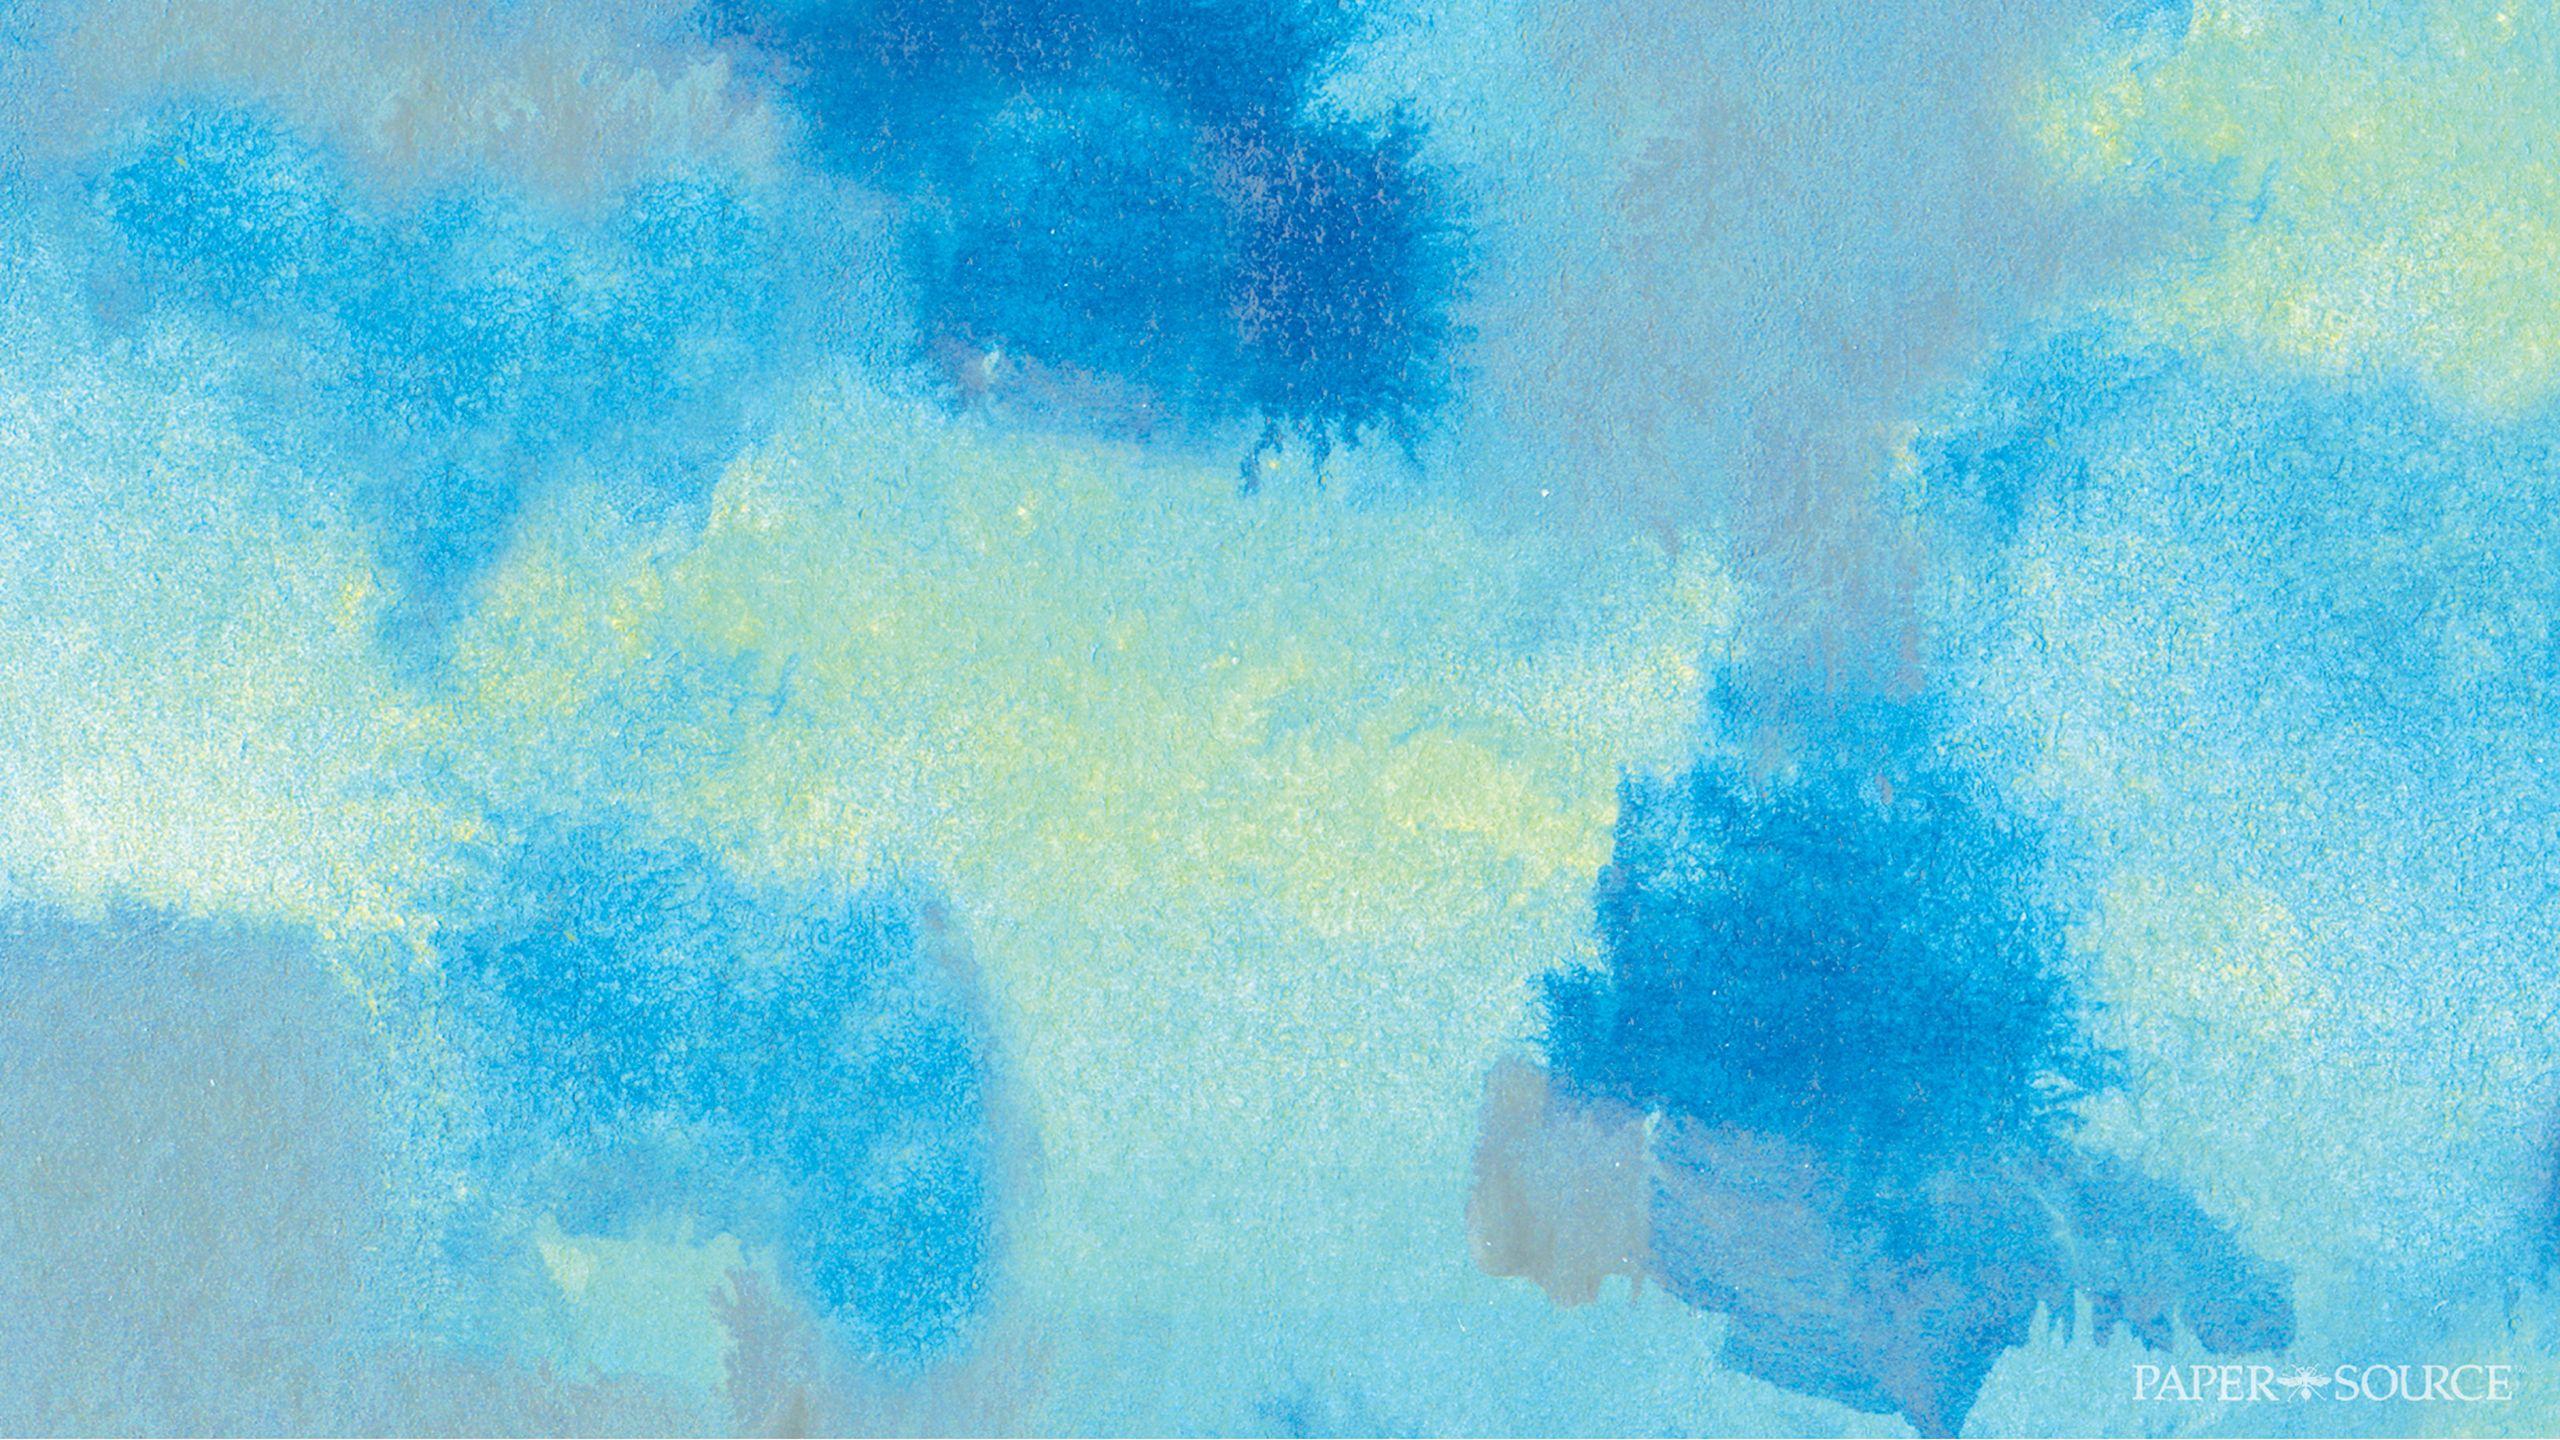 Blue Watercolour Smudge Blot Desktop Wallpaper Background Blue